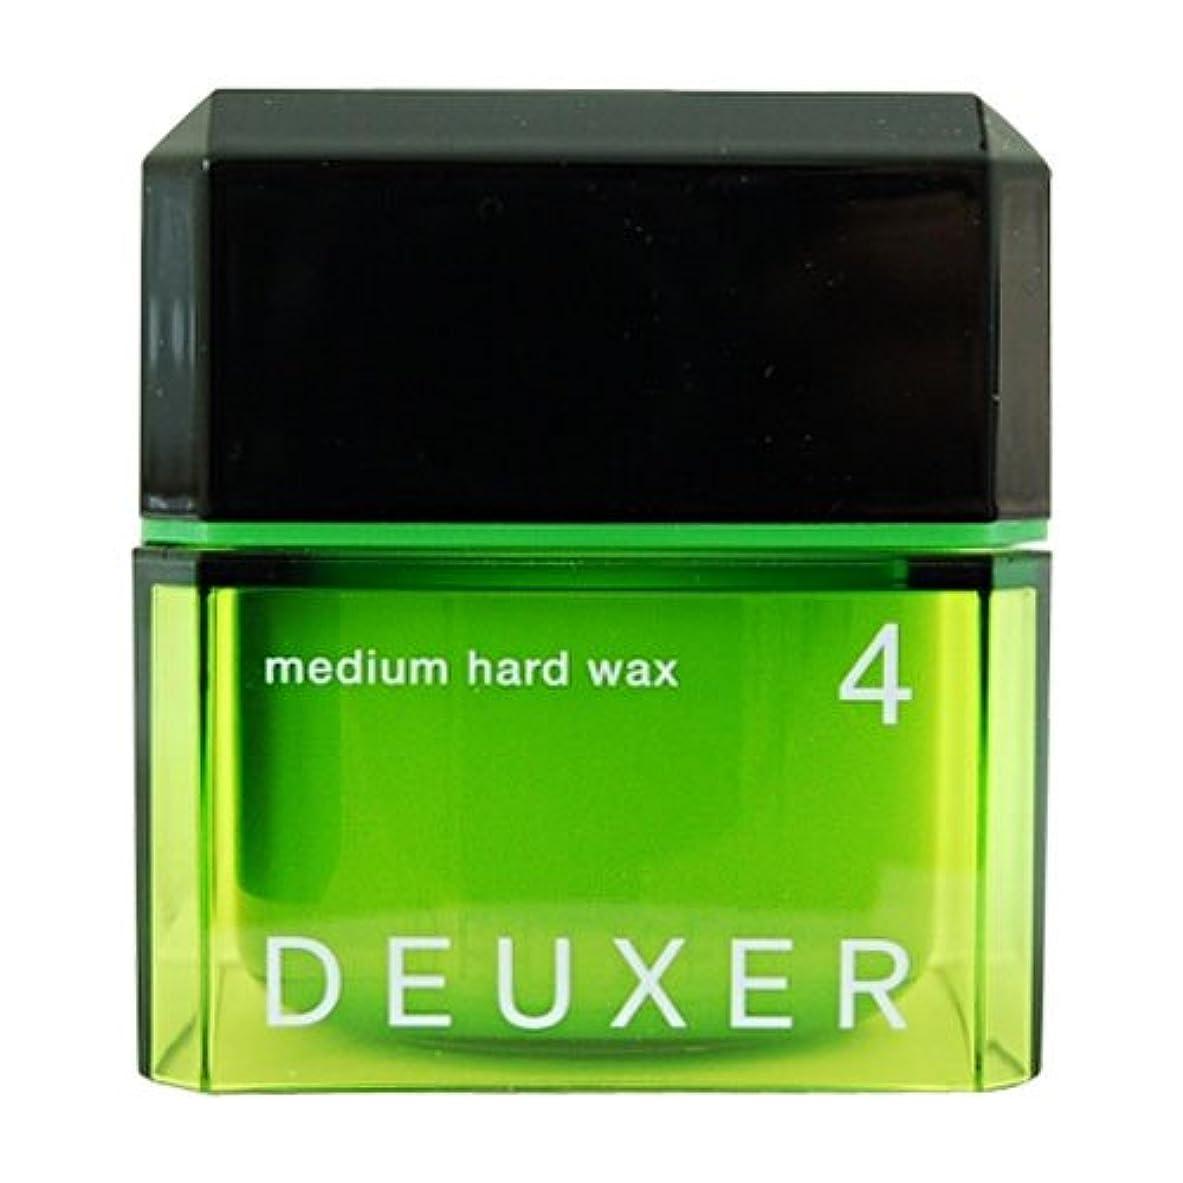 和解する失効カウントアップナンバースリー DEUXER(デューサー) ミディアムハードワックス 4 80g